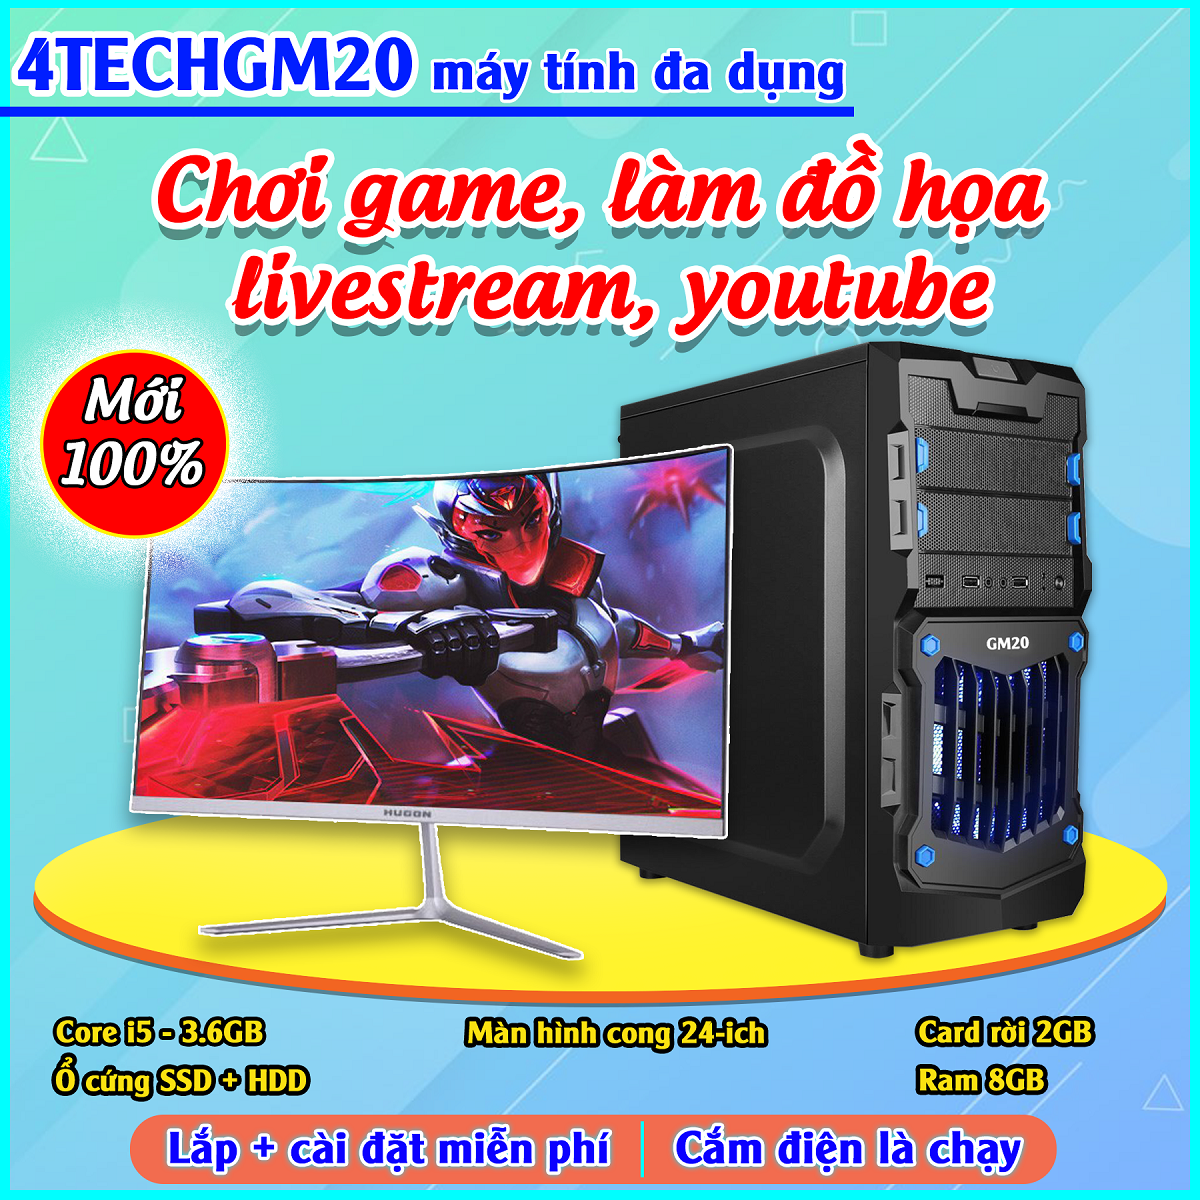 Case PC Building Gaming chơi Game, Live Streamer, thiết kế đồ họa, làm văn phòng, Youtube chuyên nghiệp 4TechGM02 2019, cây máy tính PC cấu hình cao chiến Games online offline hay trên thế giới(Chiến thuật, trí tuệ, nhập vai) 24h không giật, lag.